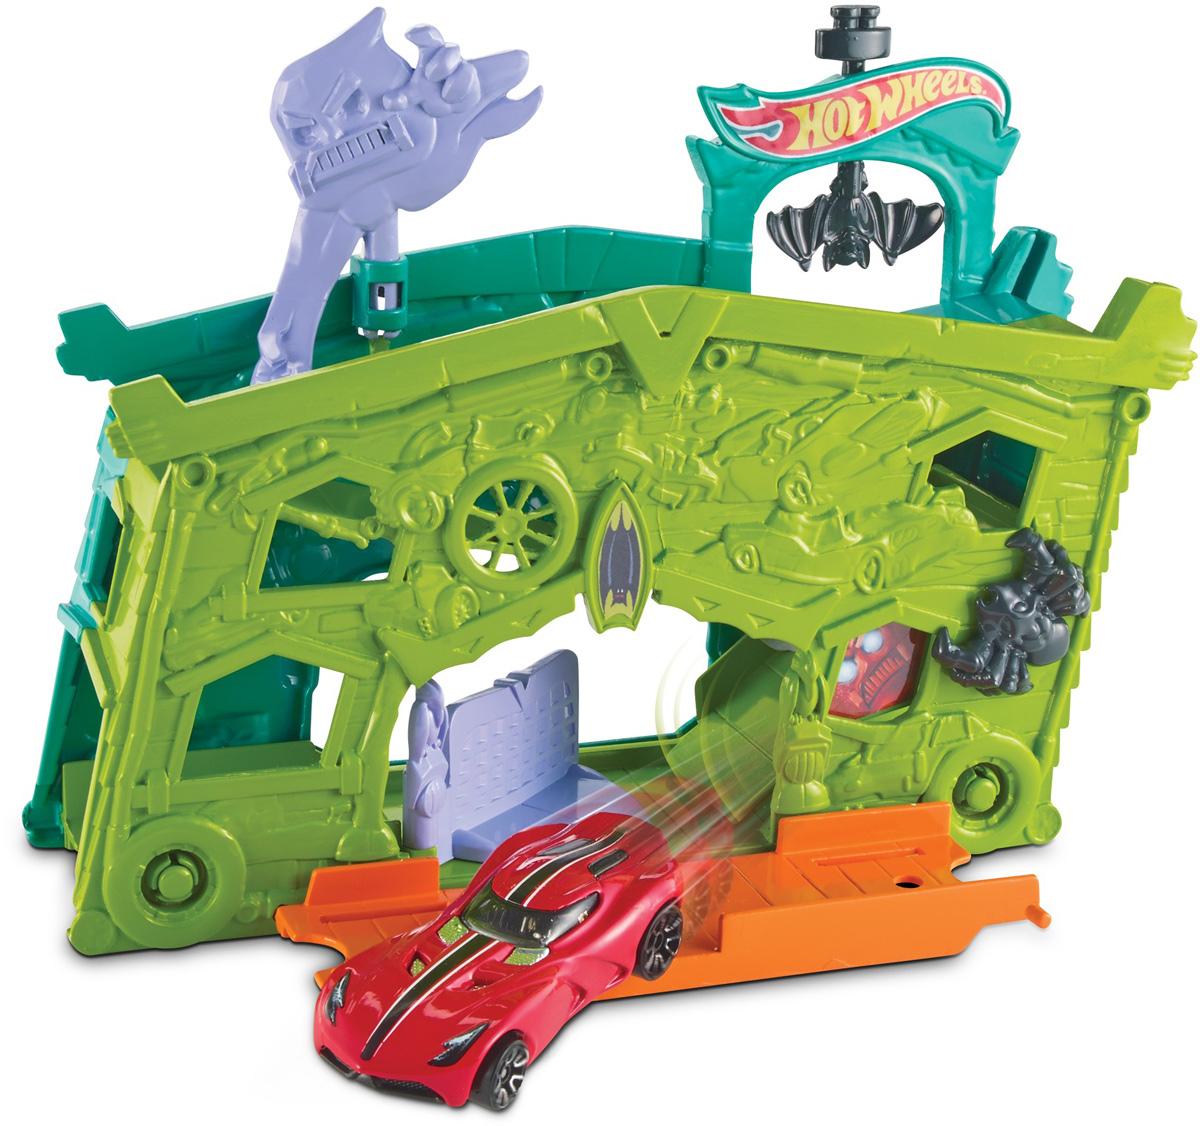 Hot Wheels Игровой набор Призрачный гараж